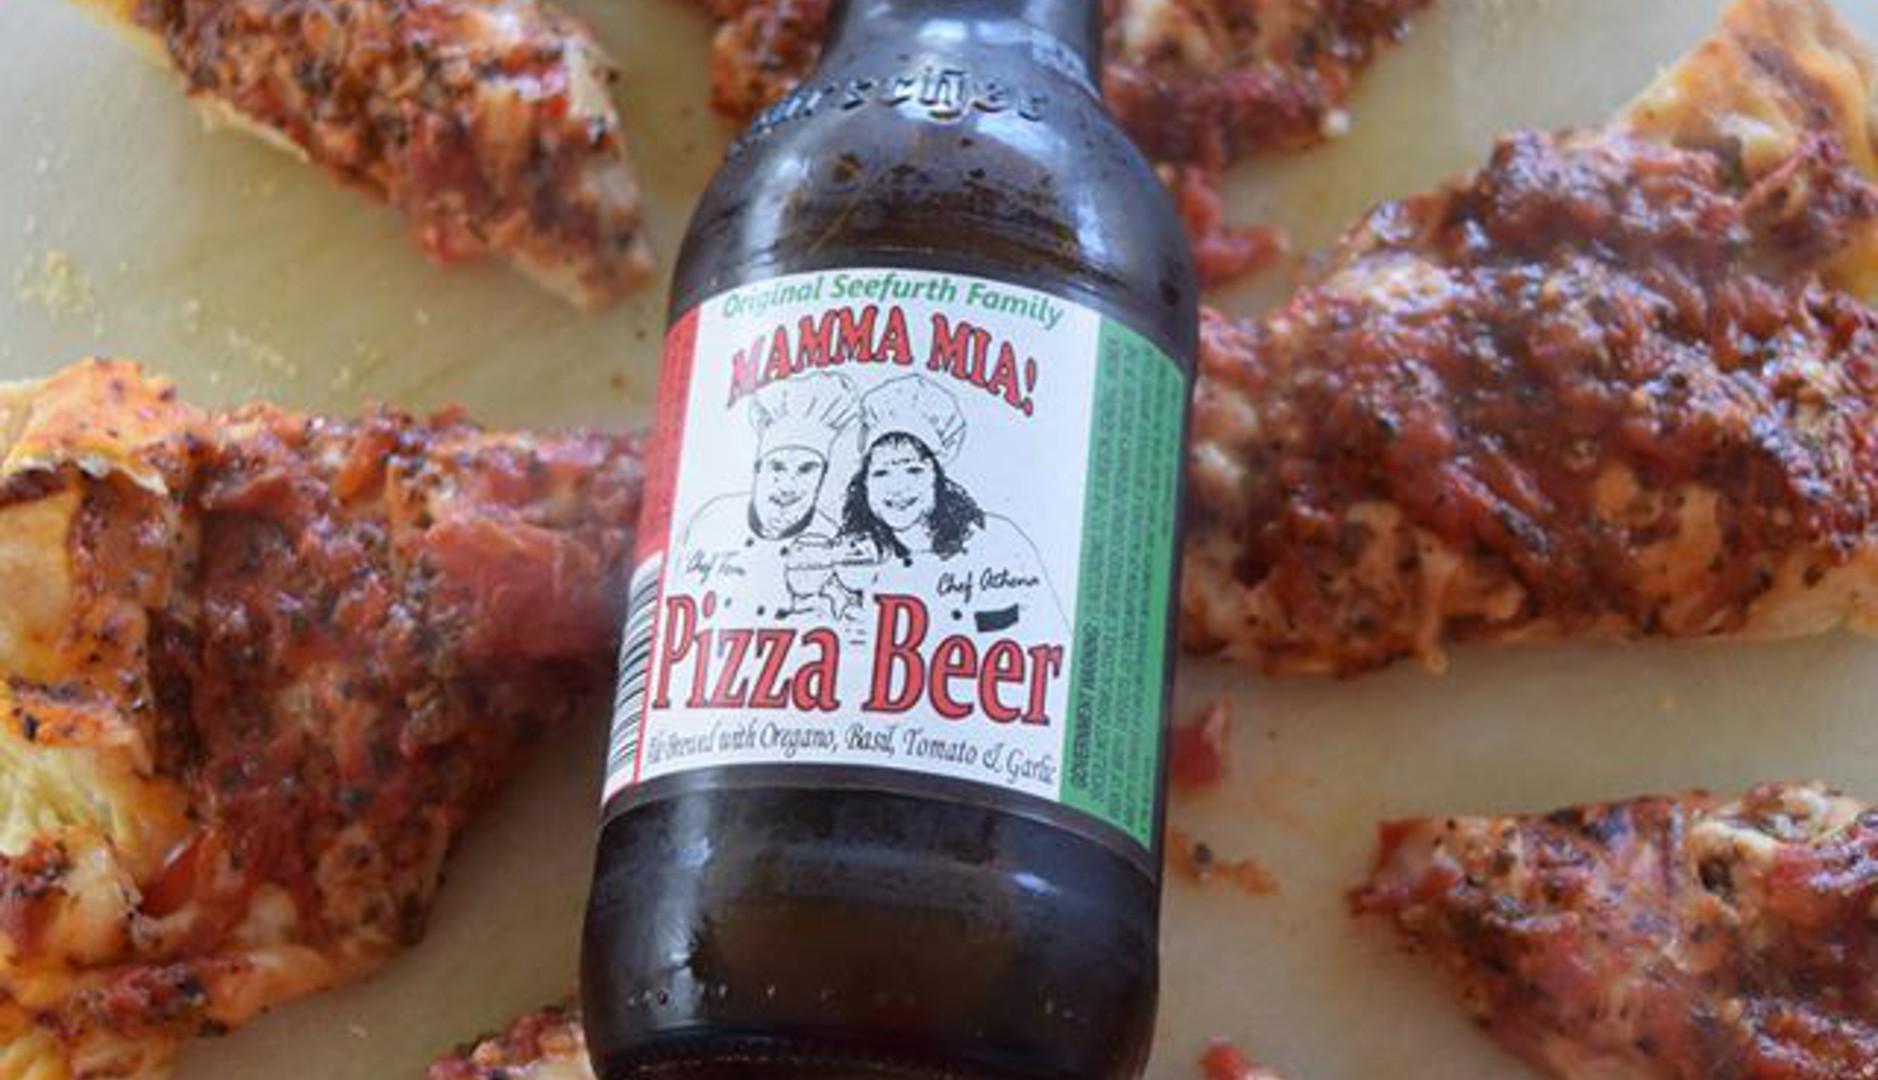 mamma-mia-una-cerveza-que-sabe-a-pizza-1920